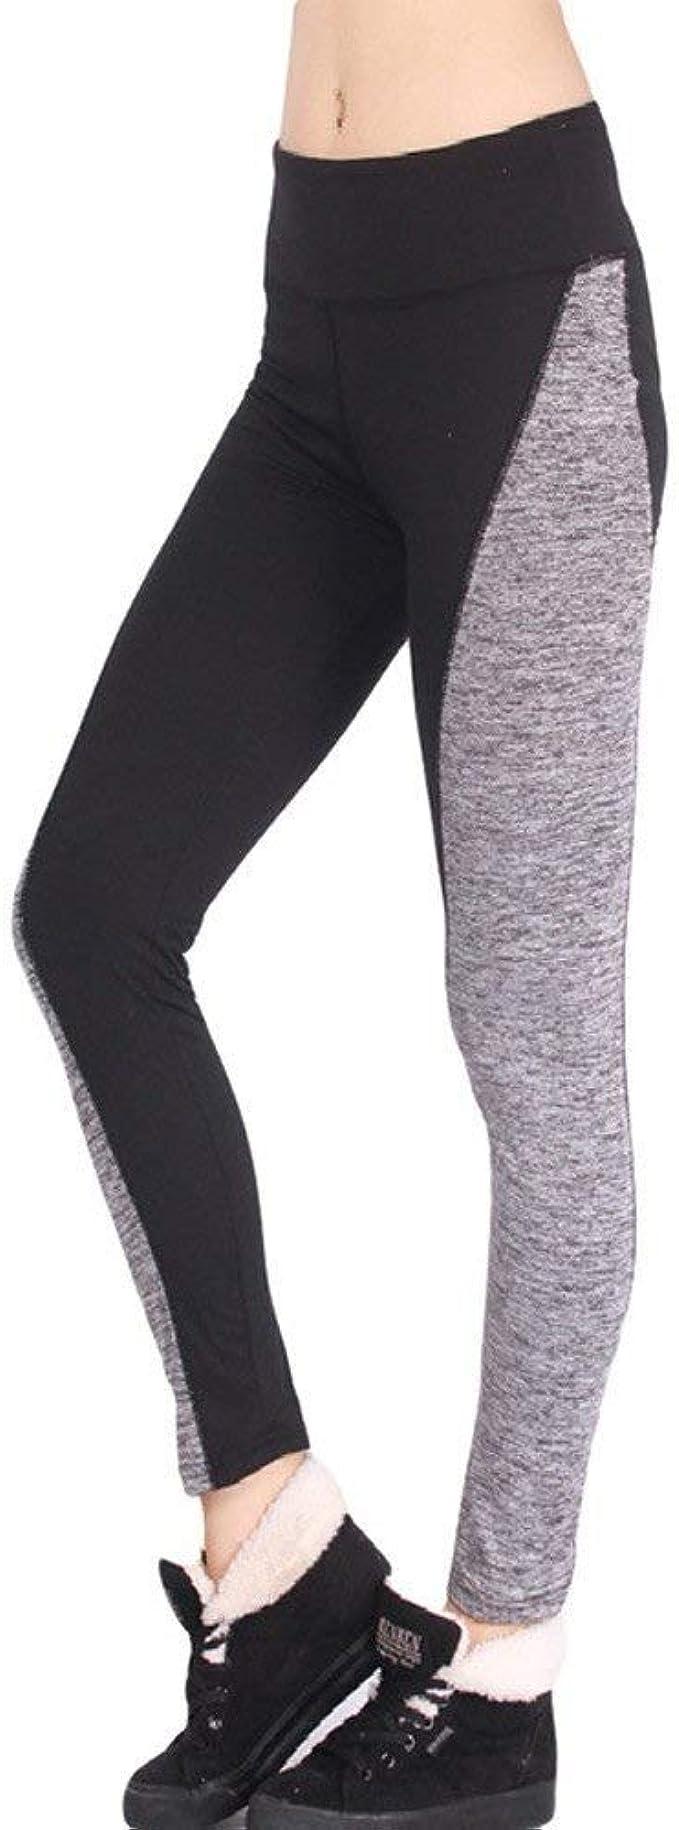 Leggings Pantalones Pantalones Gatos Señoras Yoga Impresión De Leggings Mode De Marca Deportivos Pantalones De Chándal Rayas Estampadas Hipsters Medias Leggins Pantalones Medias Entrenamiento Stretch: Amazon.es: Ropa y accesorios